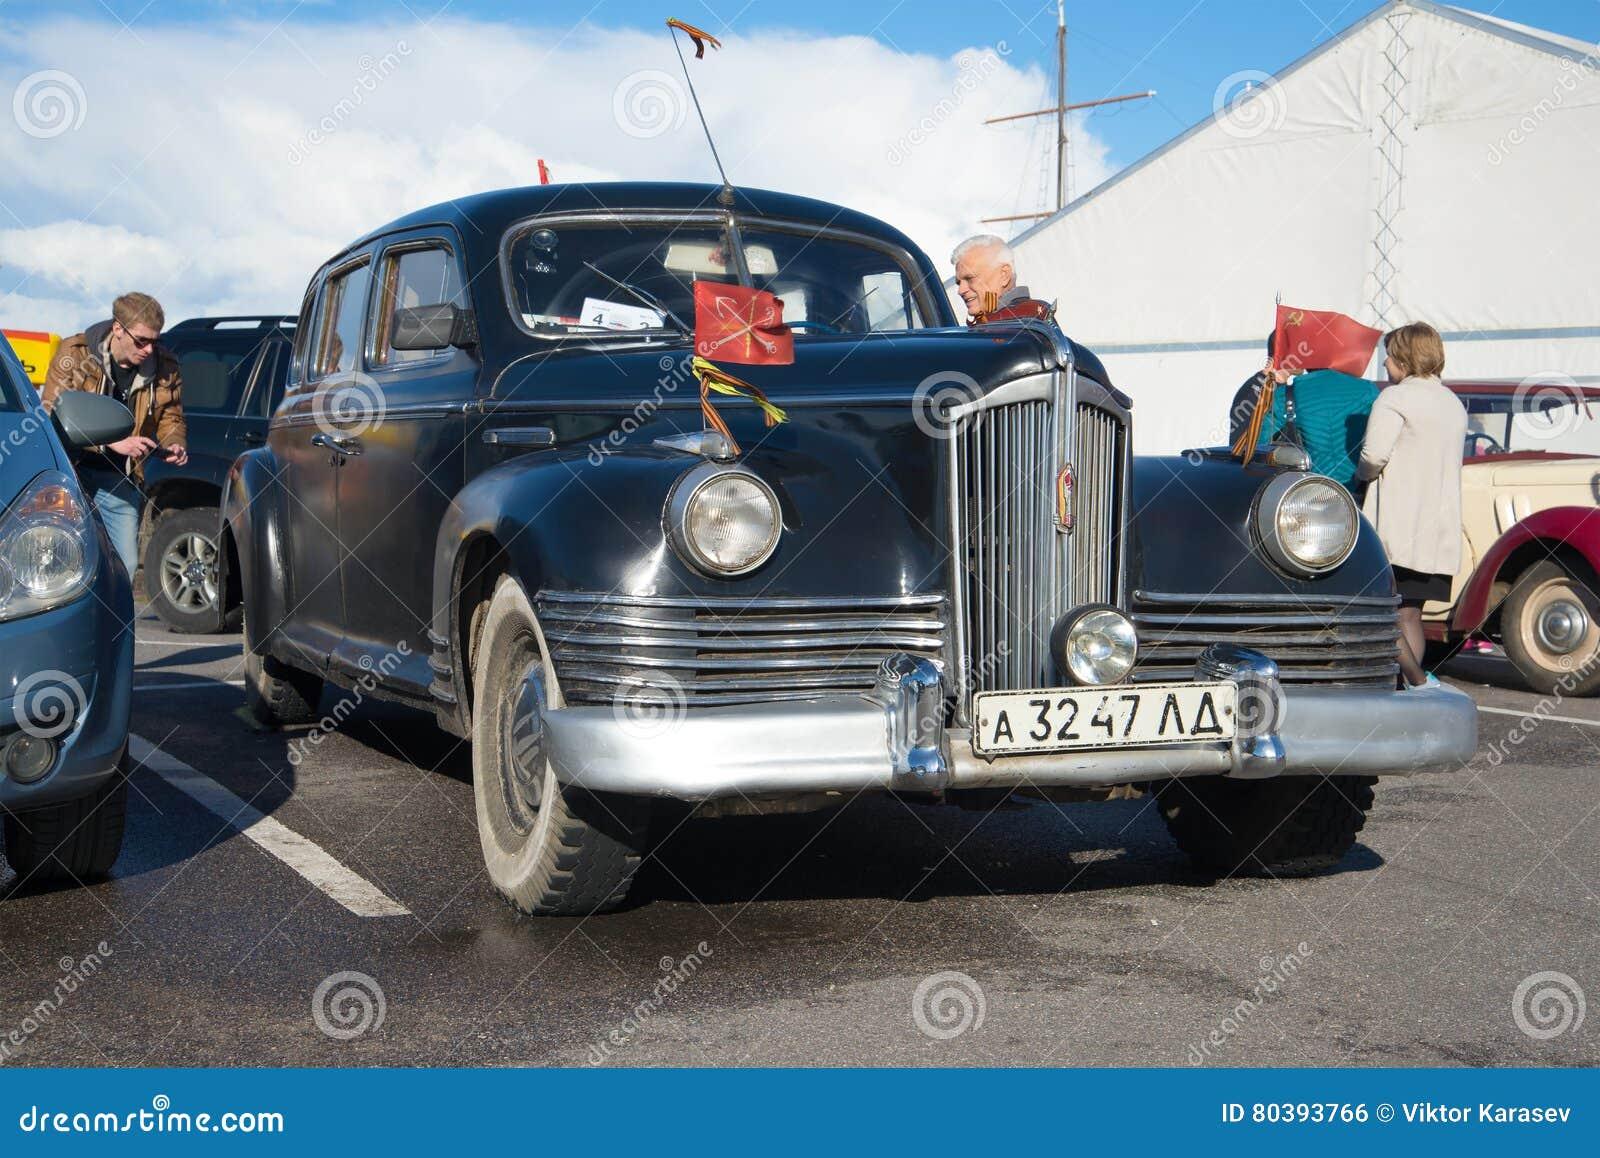 The First Soviet Post-war Car Of The Representative Class ZIS-110 ...